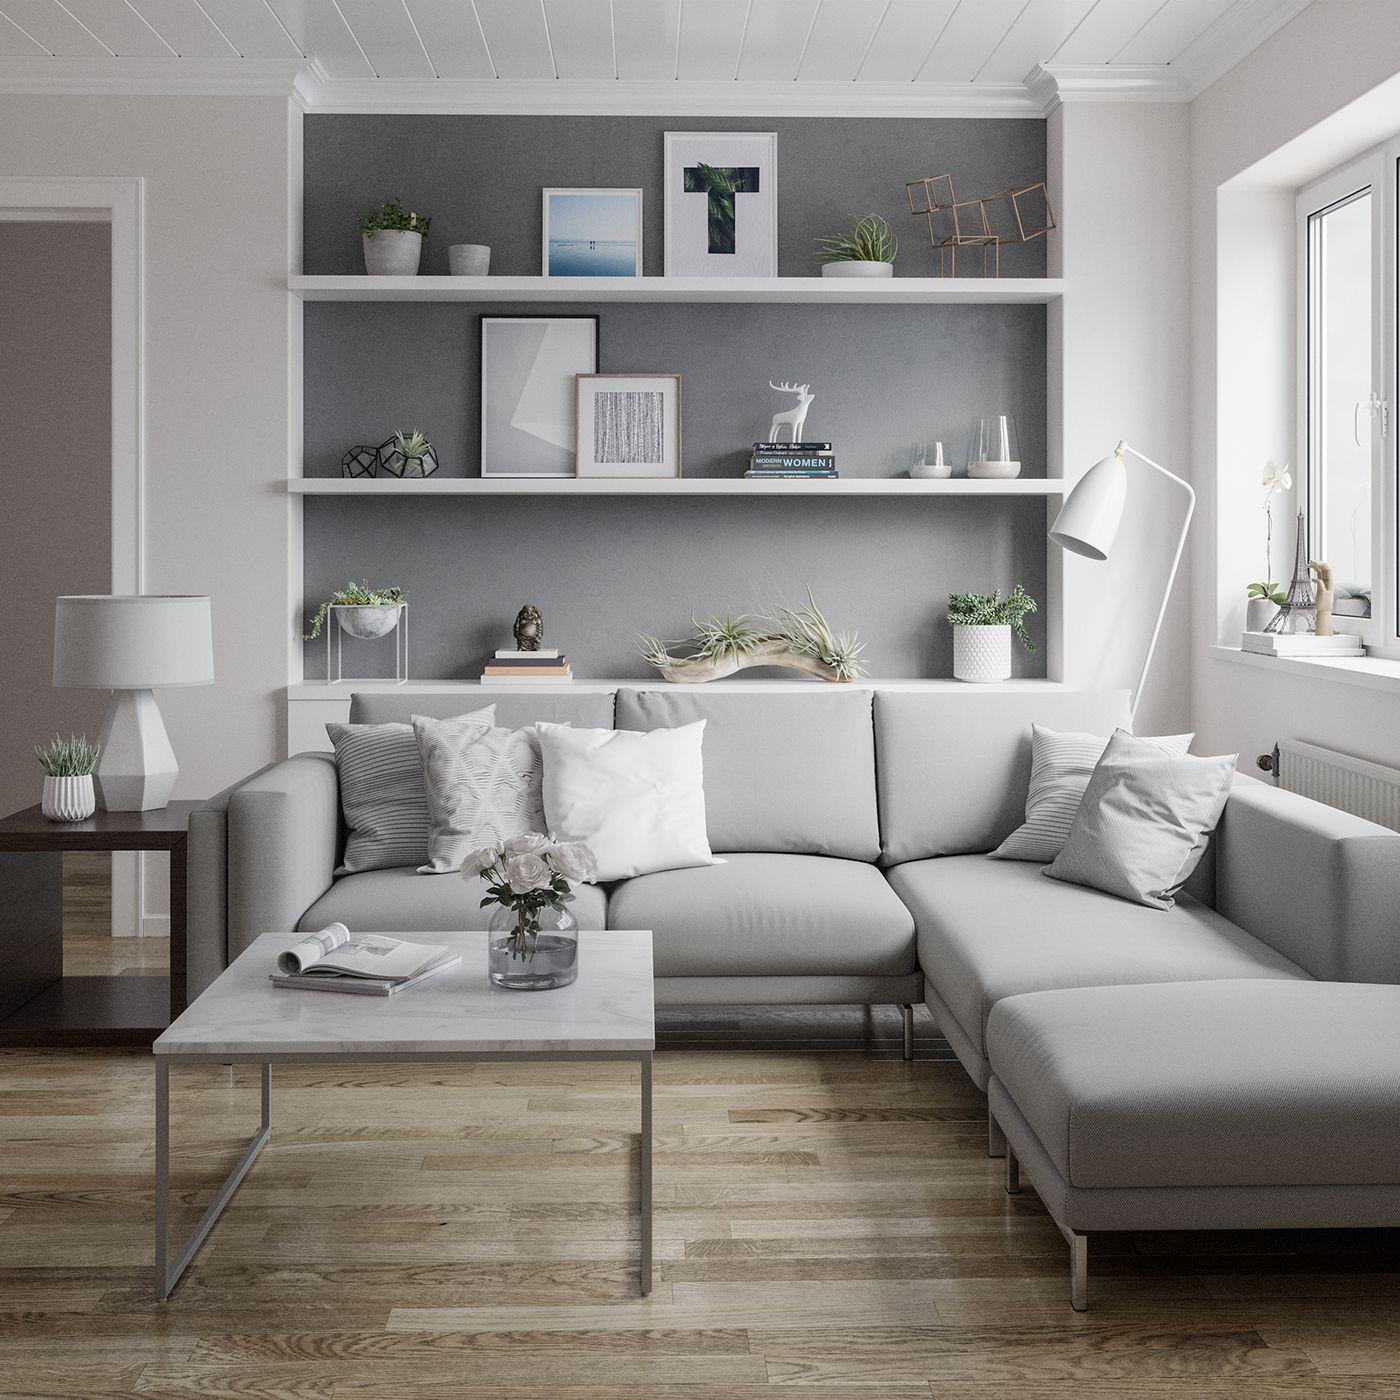 Scandinavian Interior Apartment With Mix Of Gray Tones: 75+ Scandinavian Interior Designs, Bright And Natural